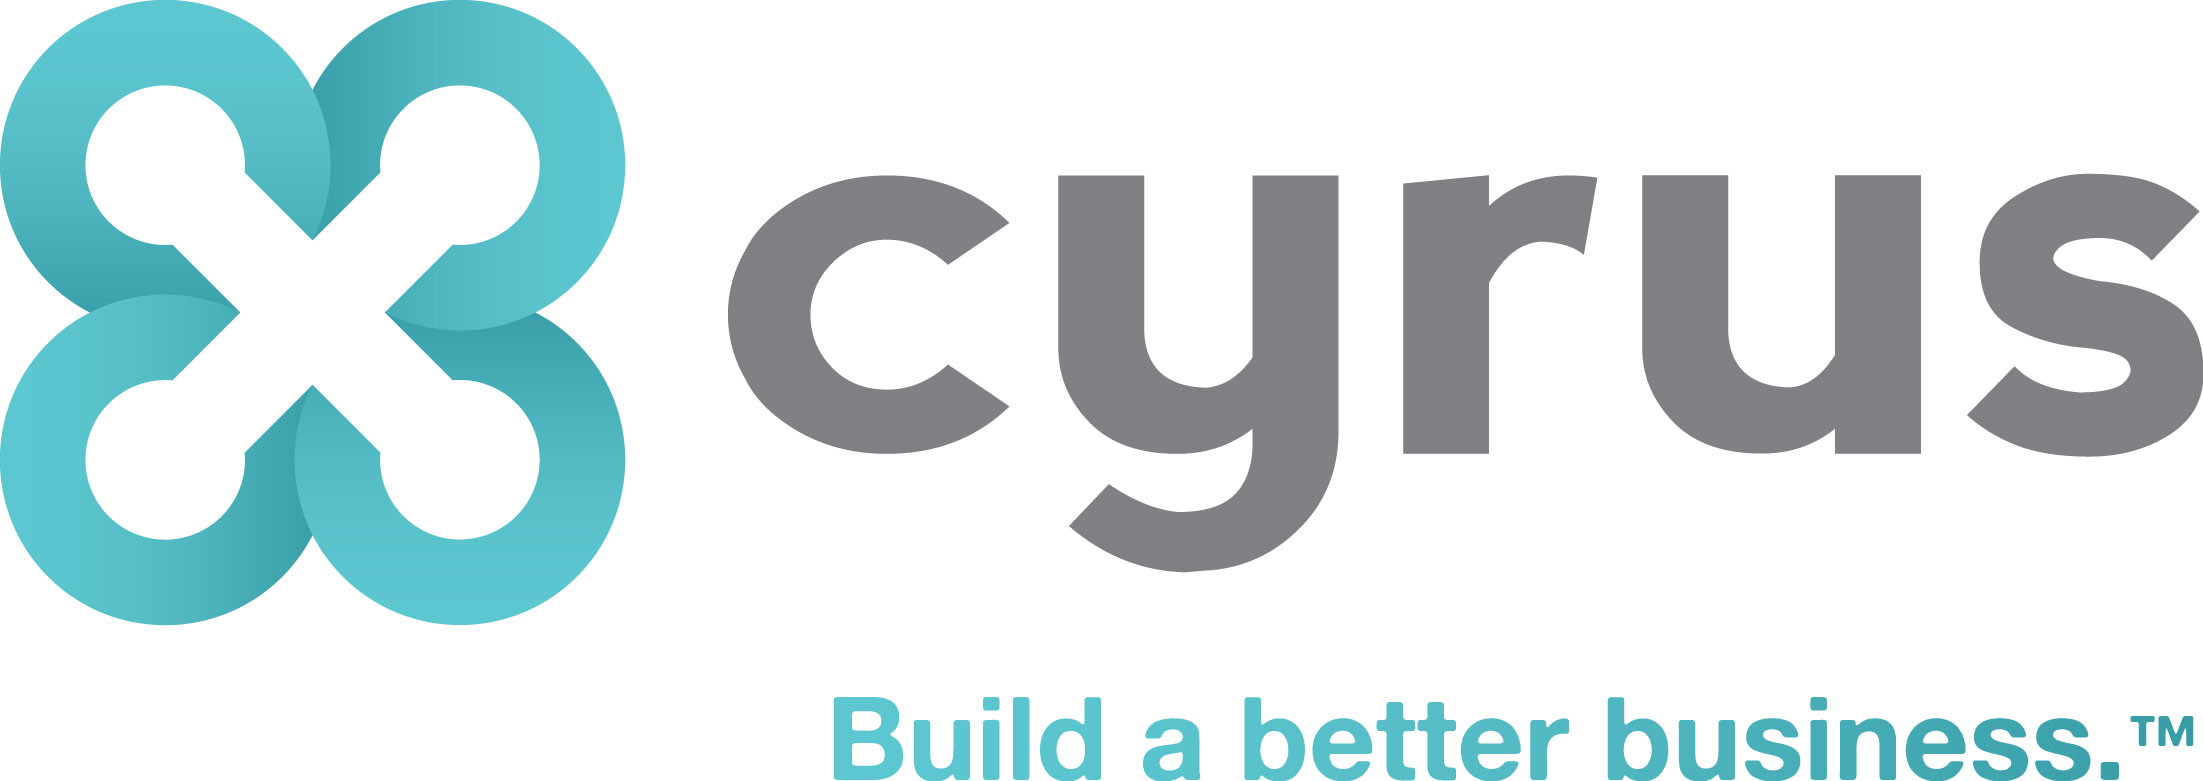 53e25365e62dd0272abc9f5a_cyrus_logo_full-CMYK%2B1C.jpg